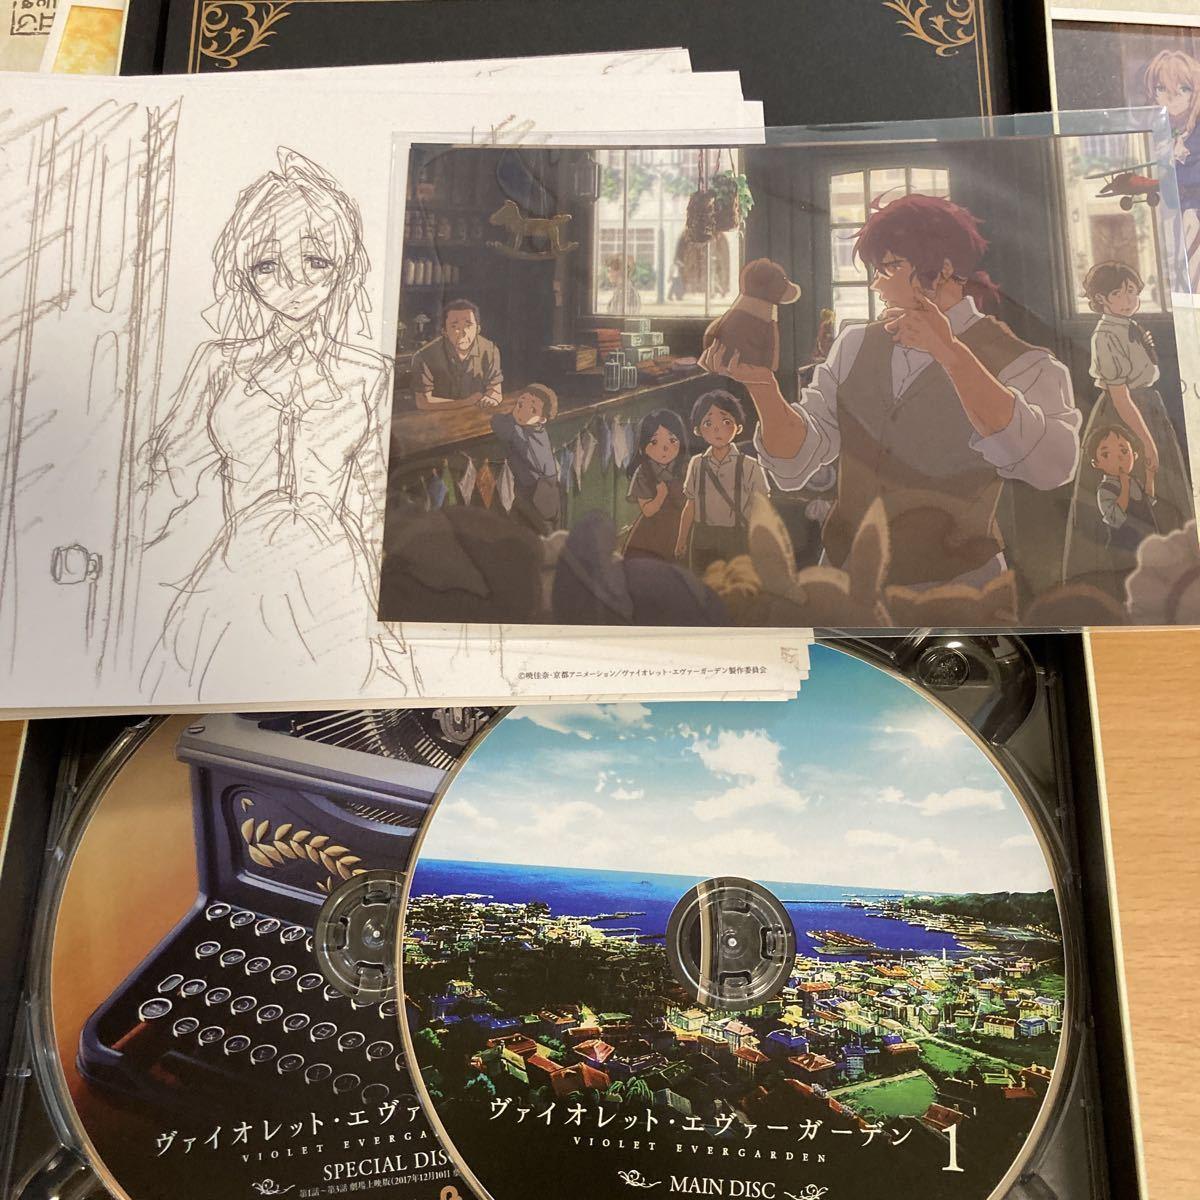 Blu-ray ヴァイオレット・エヴァーガーデン 全巻セット 京アニ 初回版